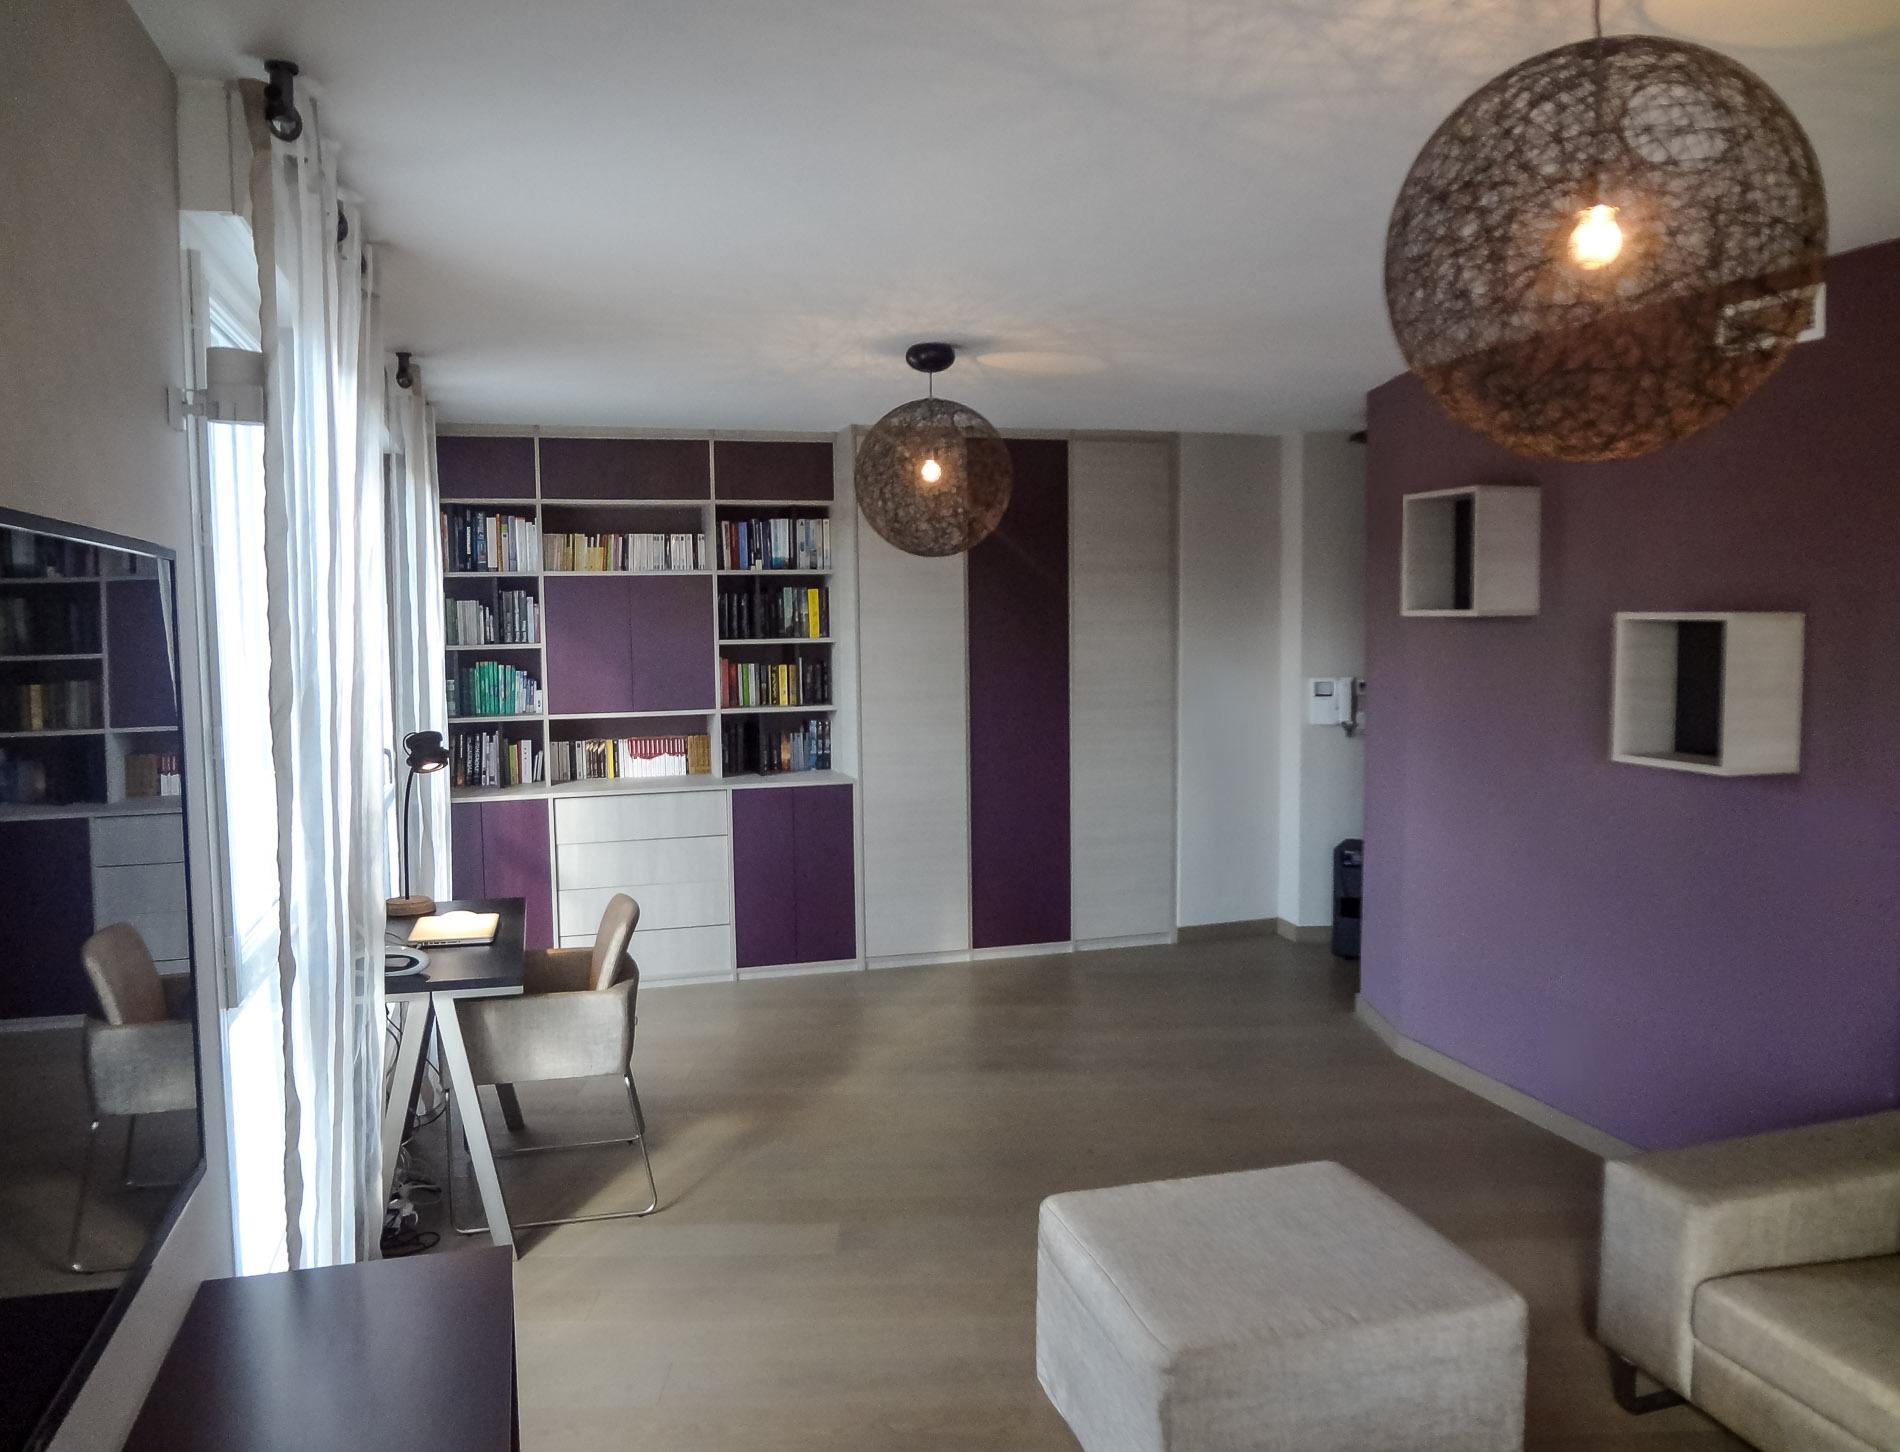 agencement et d coration appartement lyon 8 salon d coration d 39 int rieurs meuble sur mesure. Black Bedroom Furniture Sets. Home Design Ideas